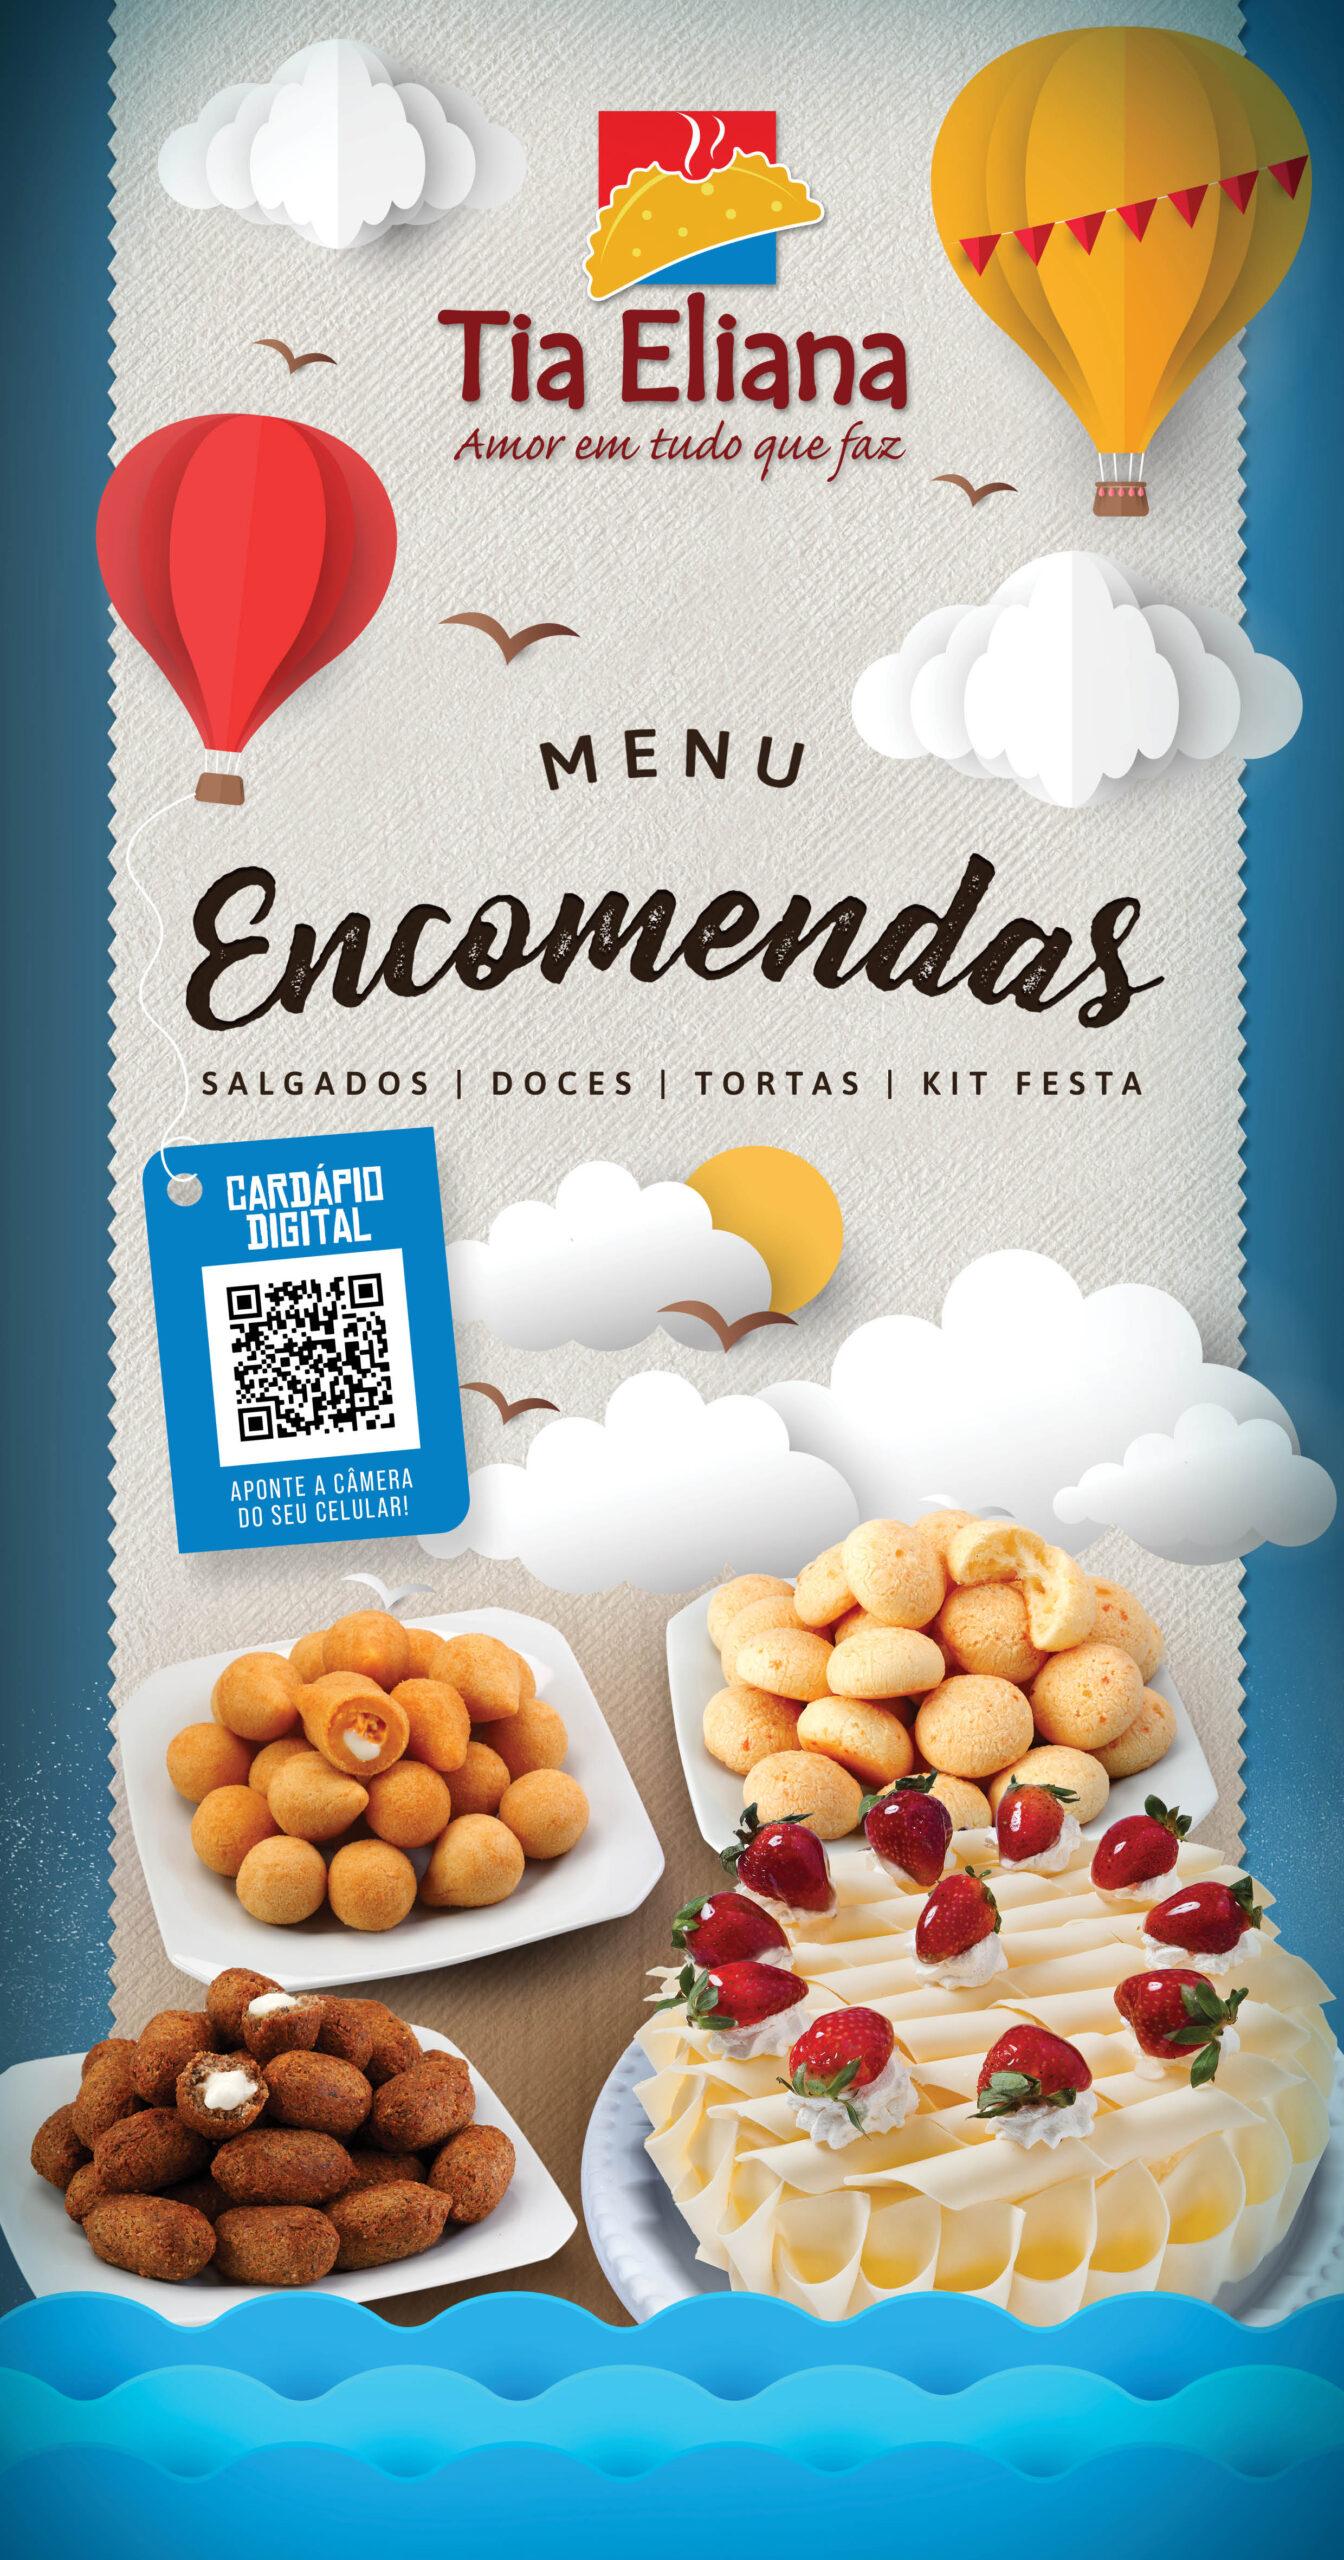 cardapio_encomendas_40x21cm_tia_eliana_interior_ipatinga_v2-scaled Encomendas - Ipatinga